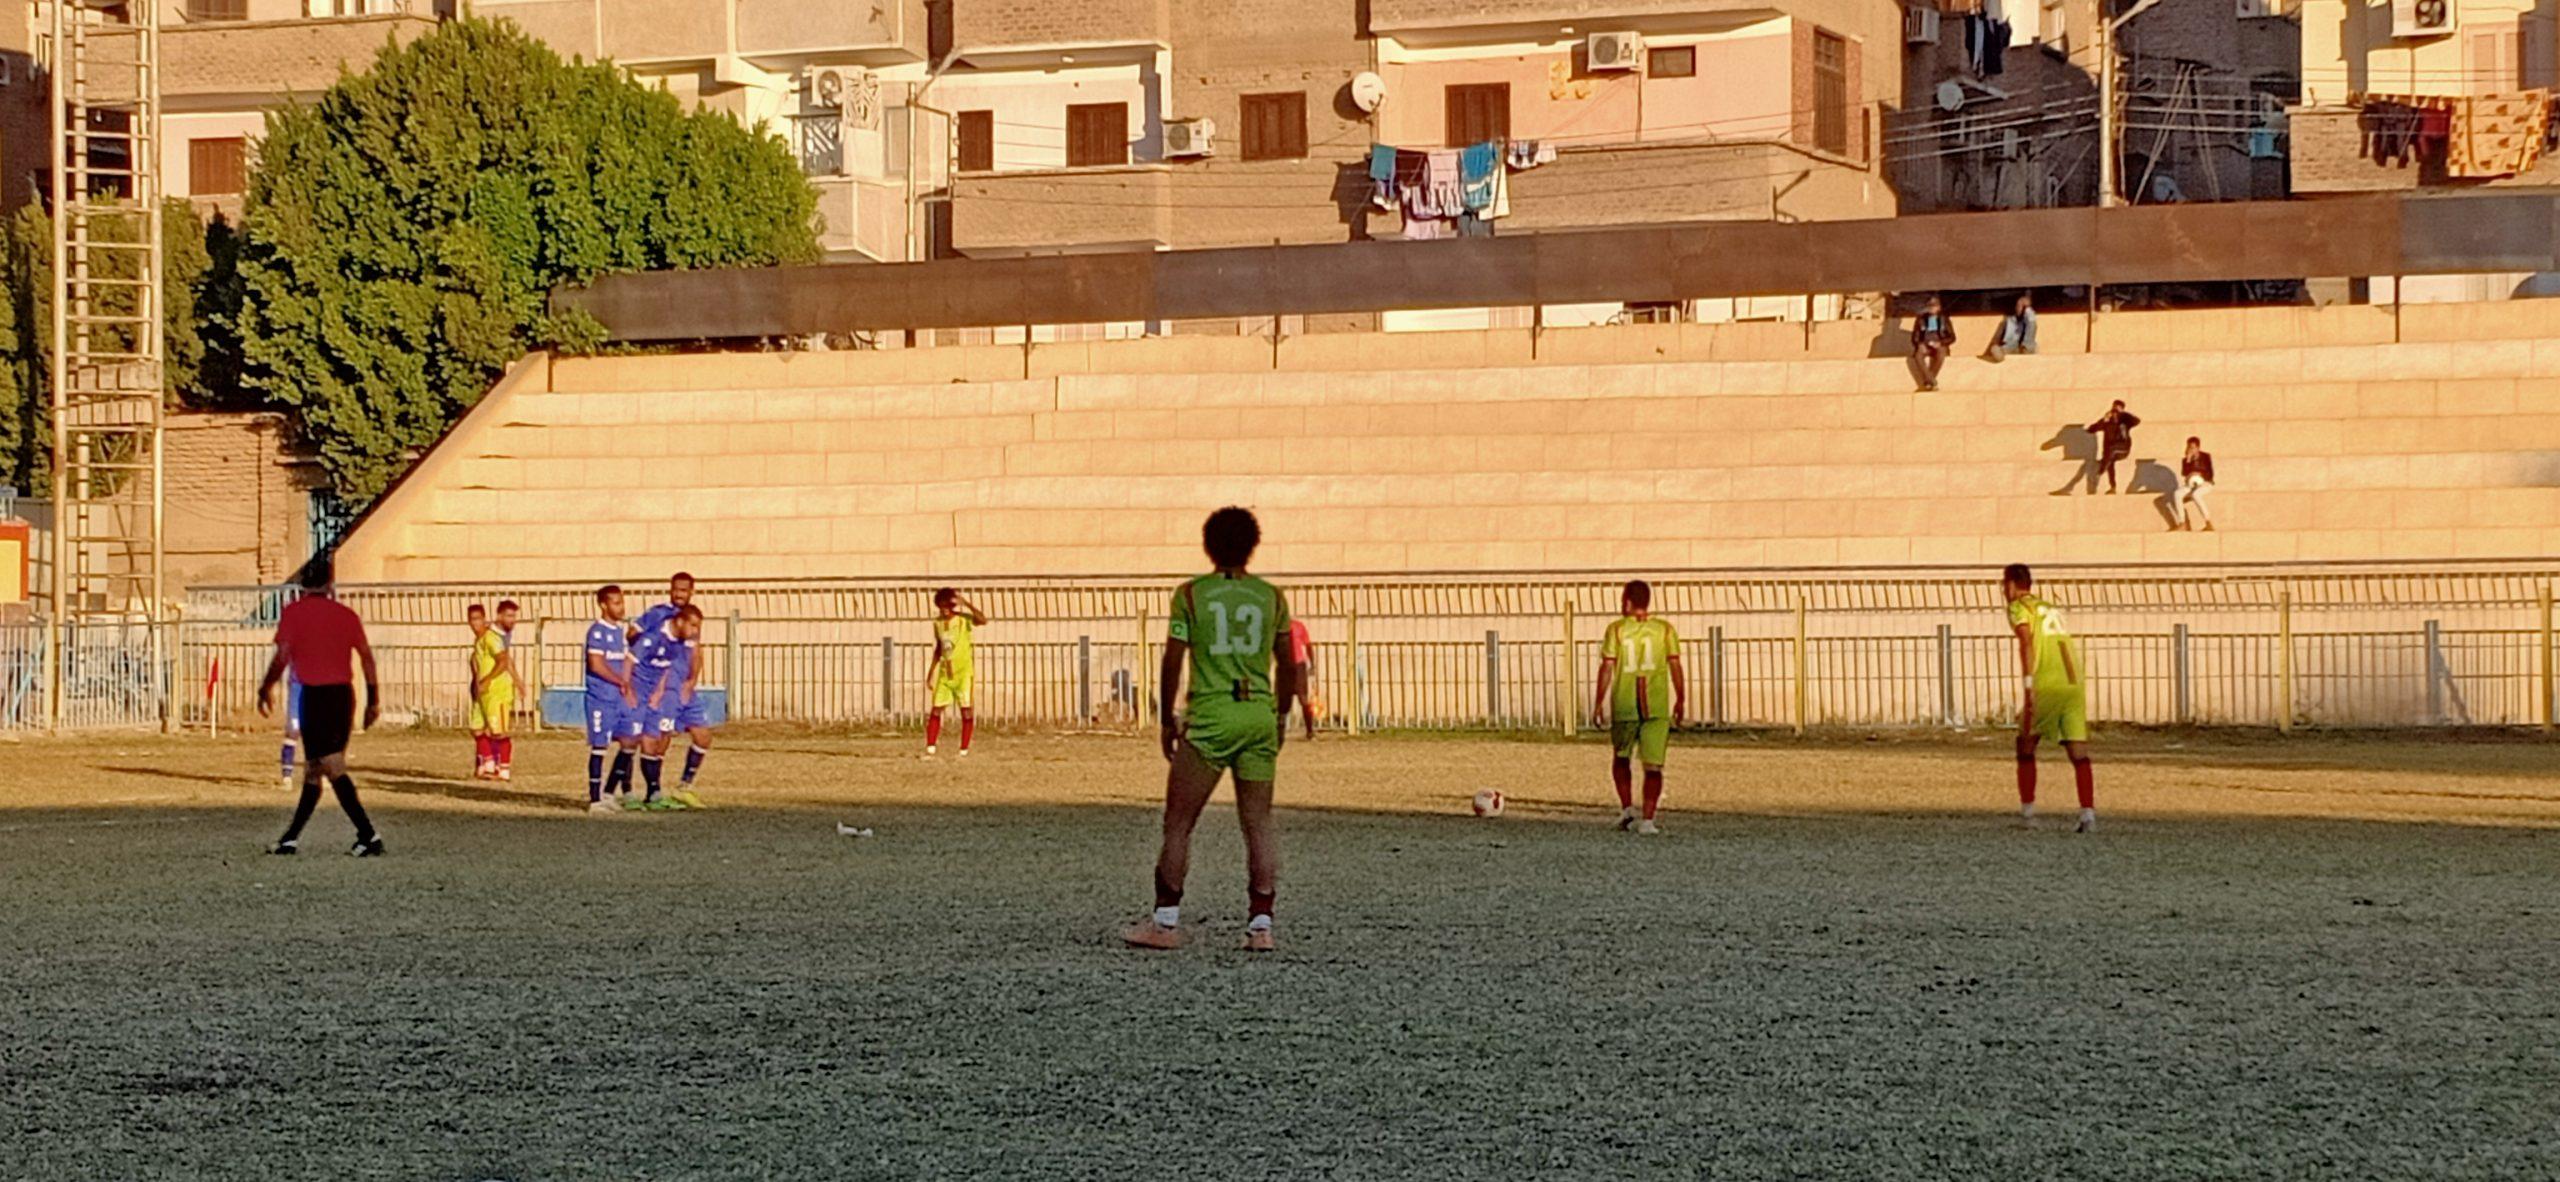 مباراة شبان قنا وأسمنت أسيوط بالقسم الثاني، تصوير نورهان ذكي